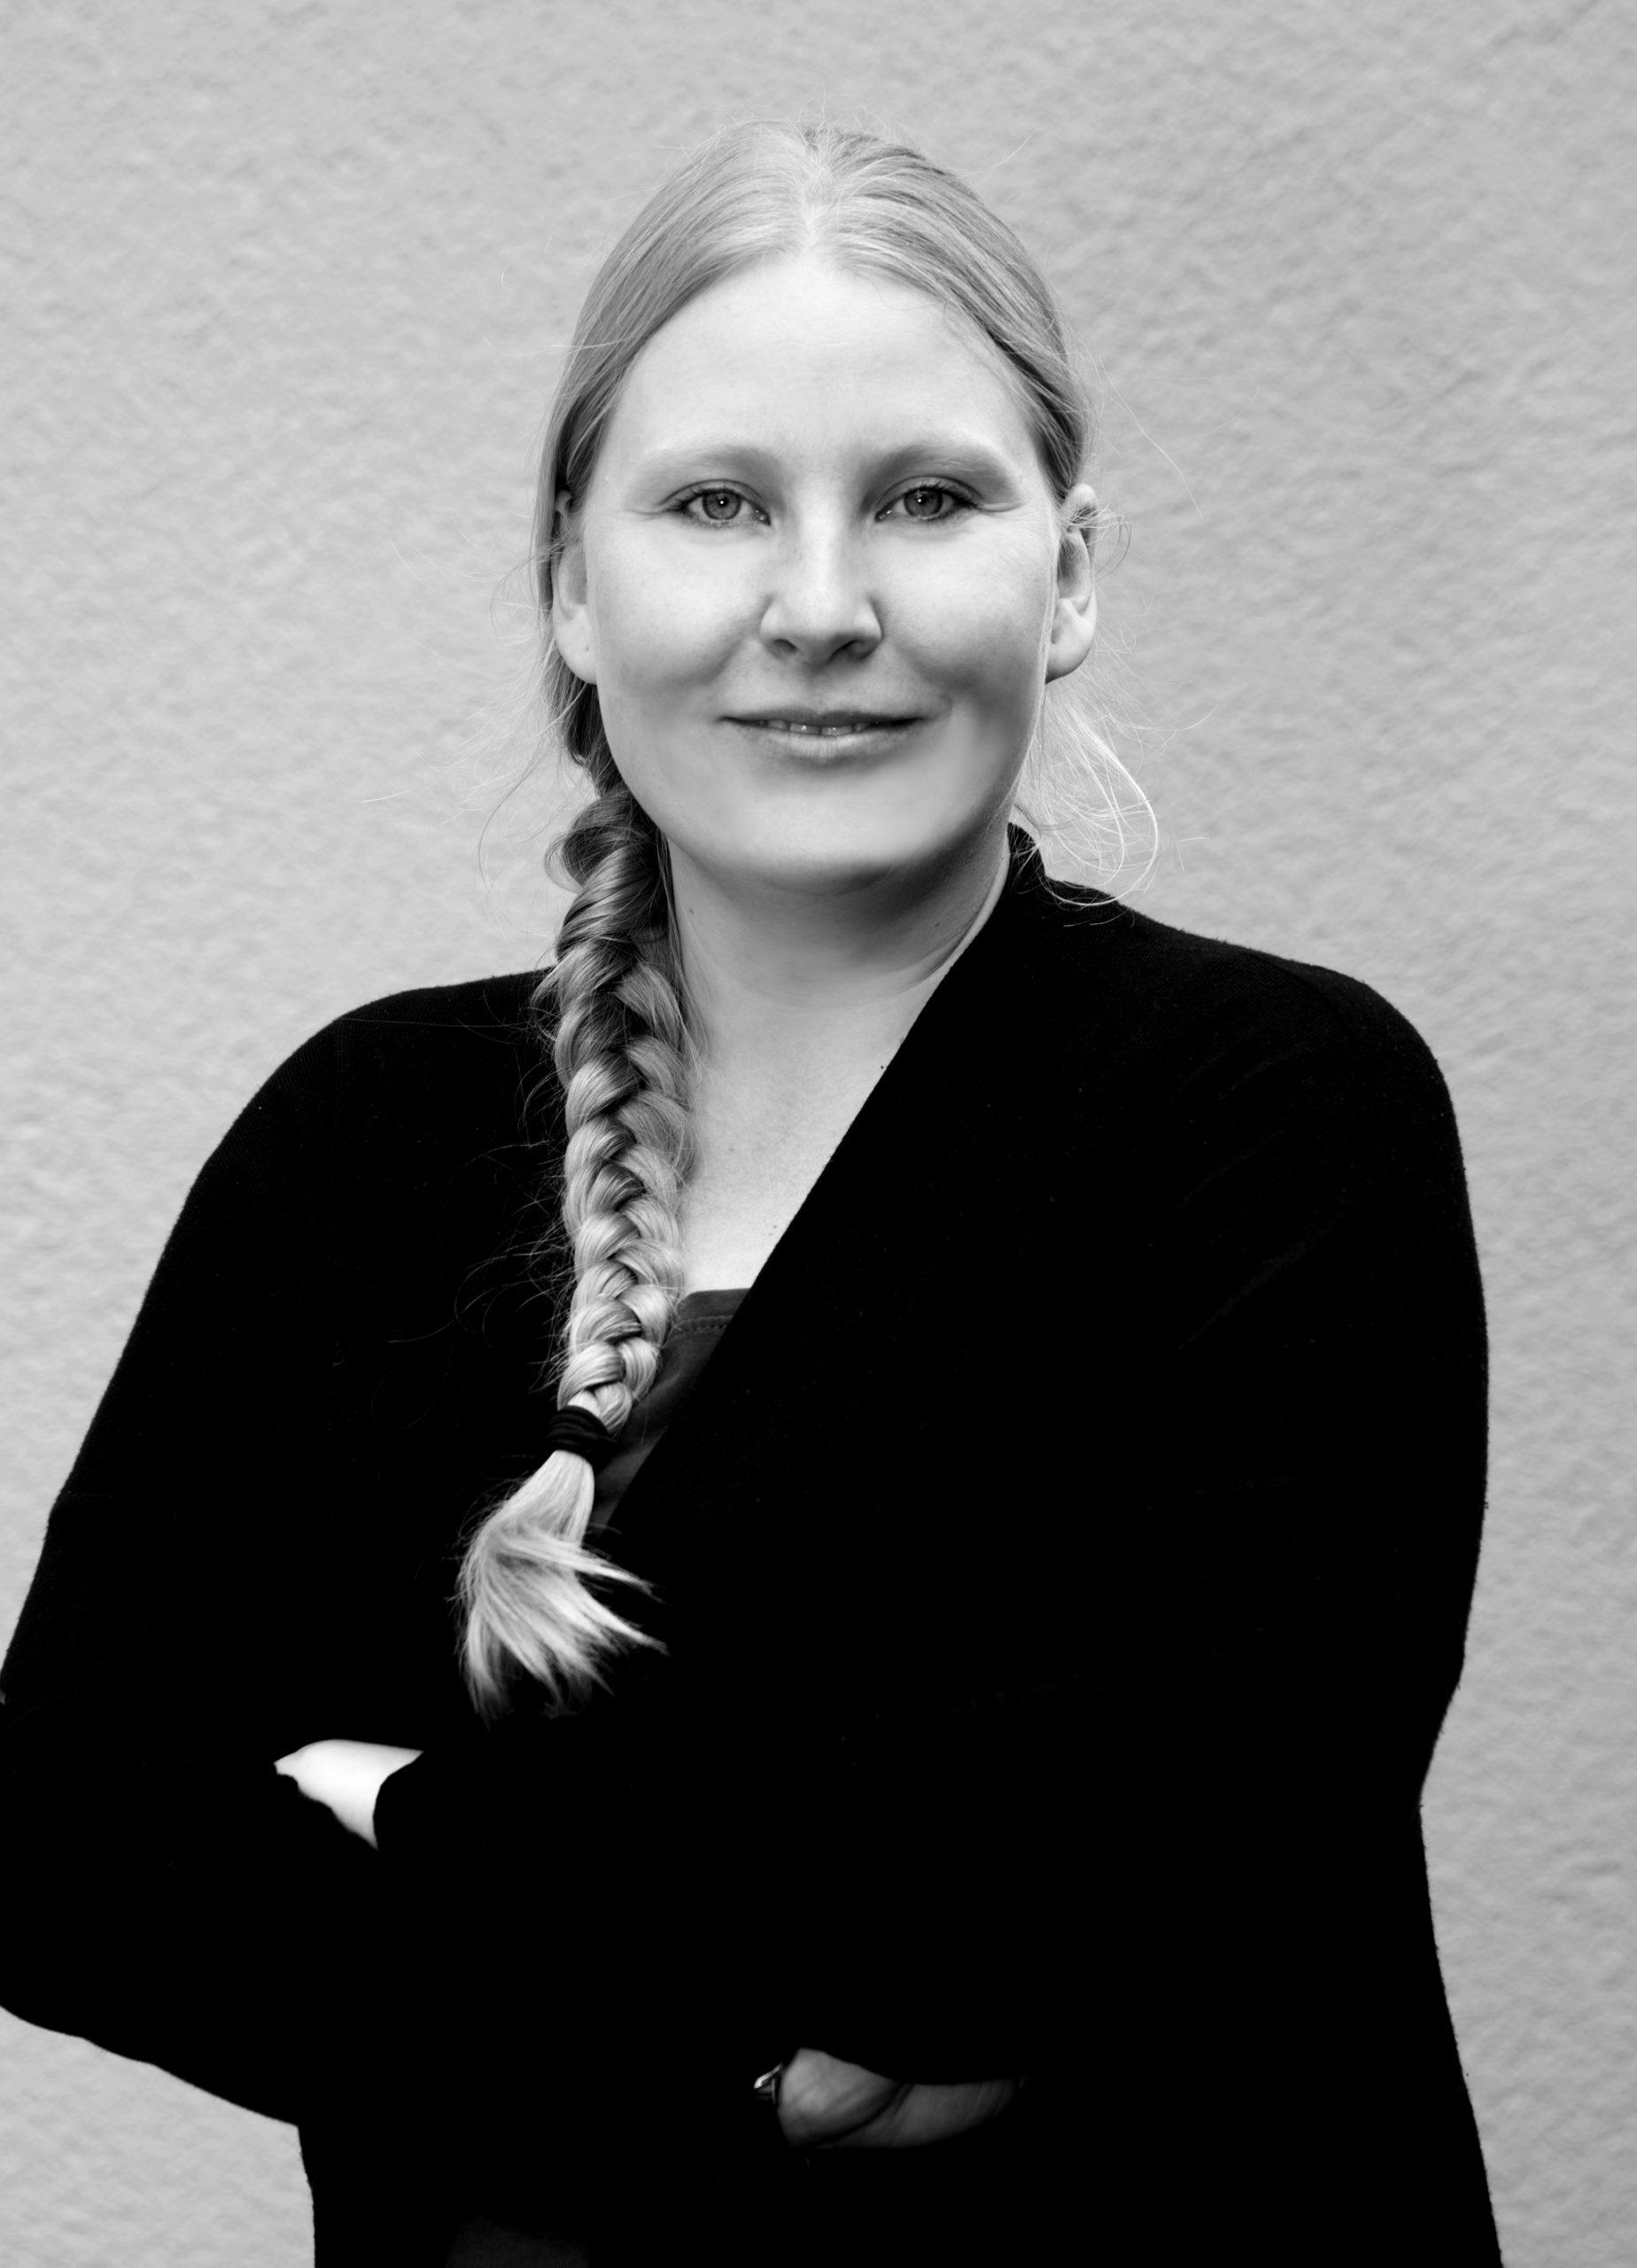 Heidi Jacober